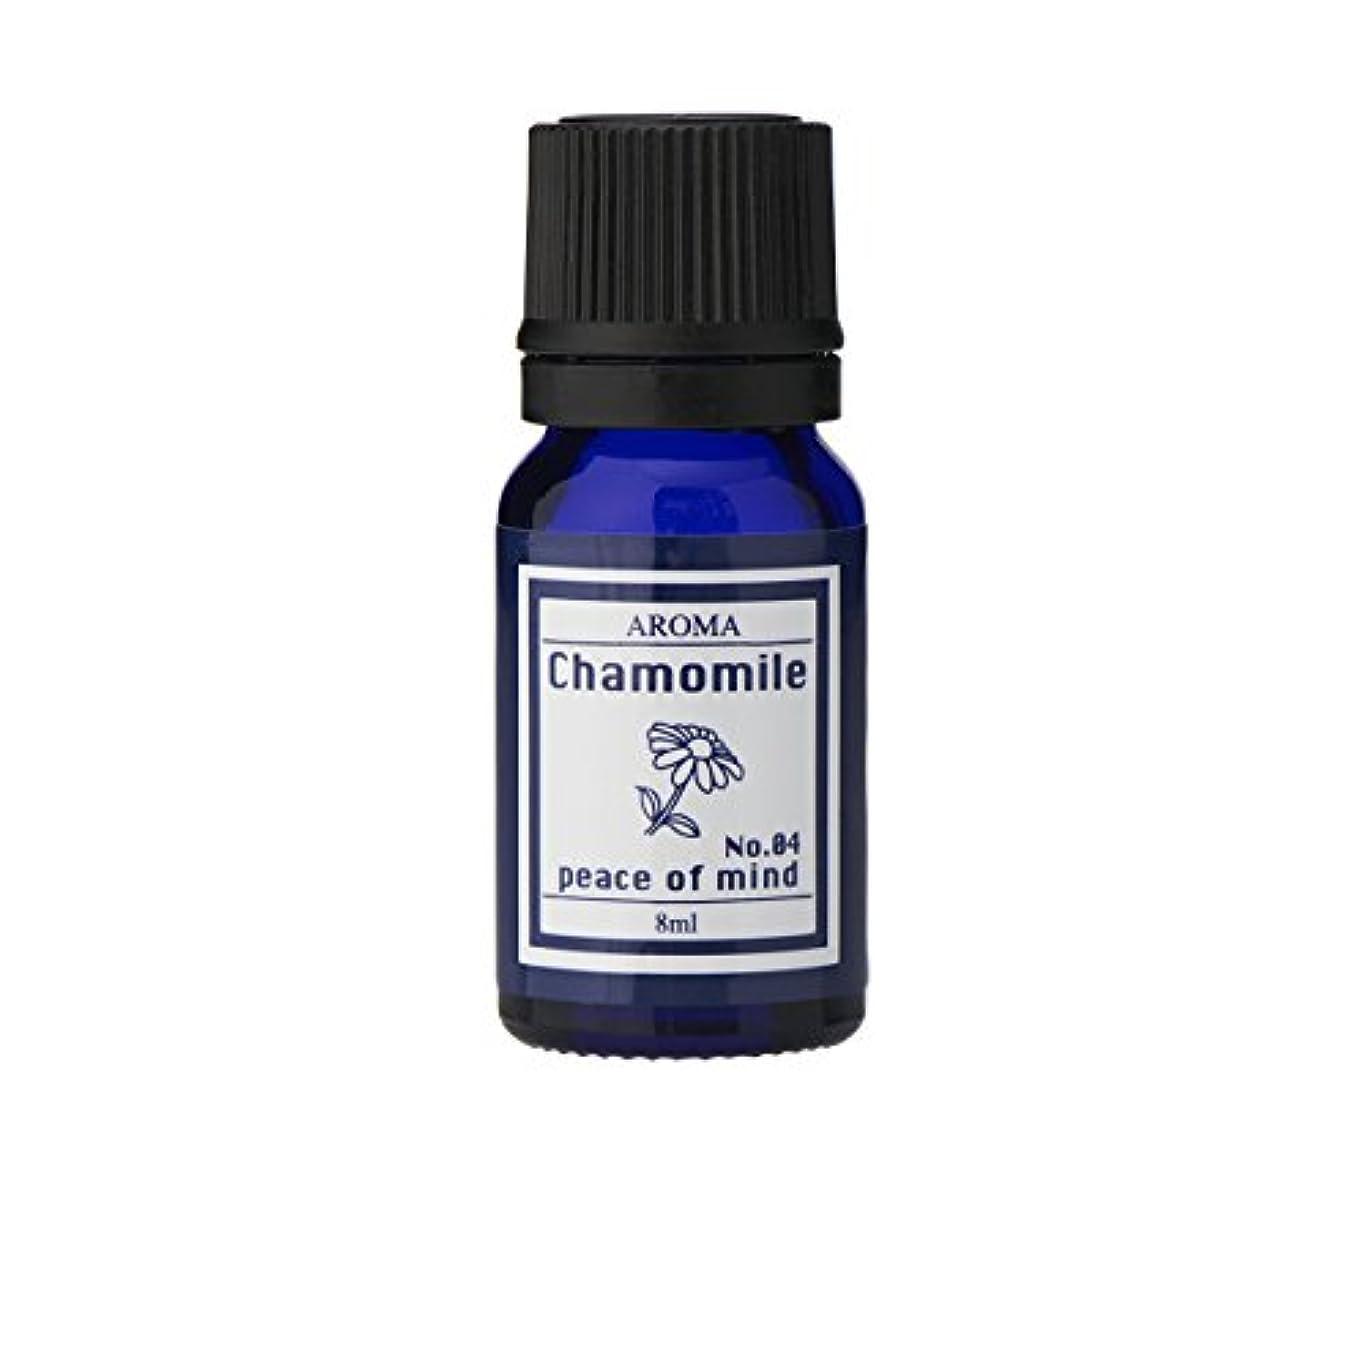 変装スモッグしがみつくブルーラベル アロマエッセンス8ml カモマイル(アロマオイル 調合香料 芳香用)